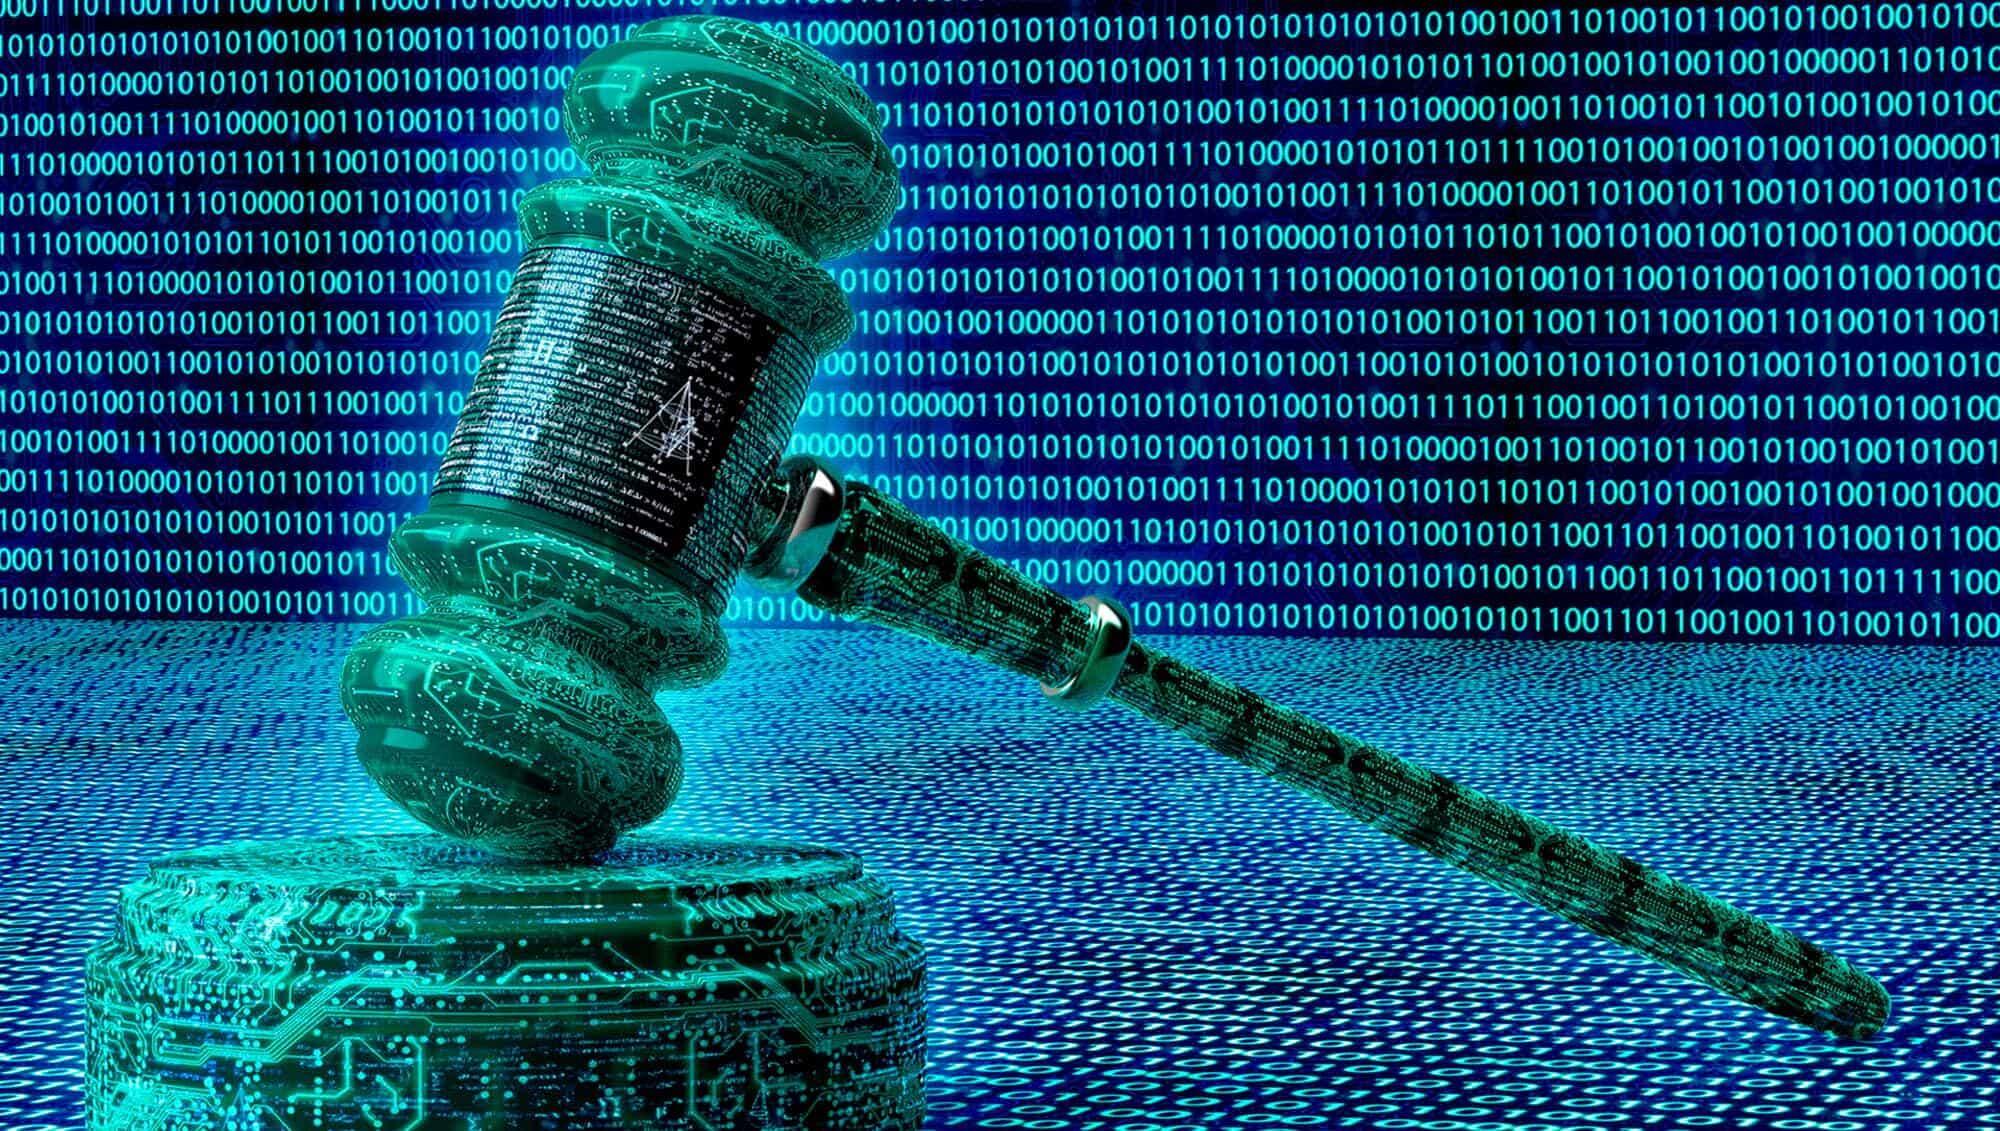 James E Moliterno_Los abogados no deben levantar muros frente a los cambios sociales